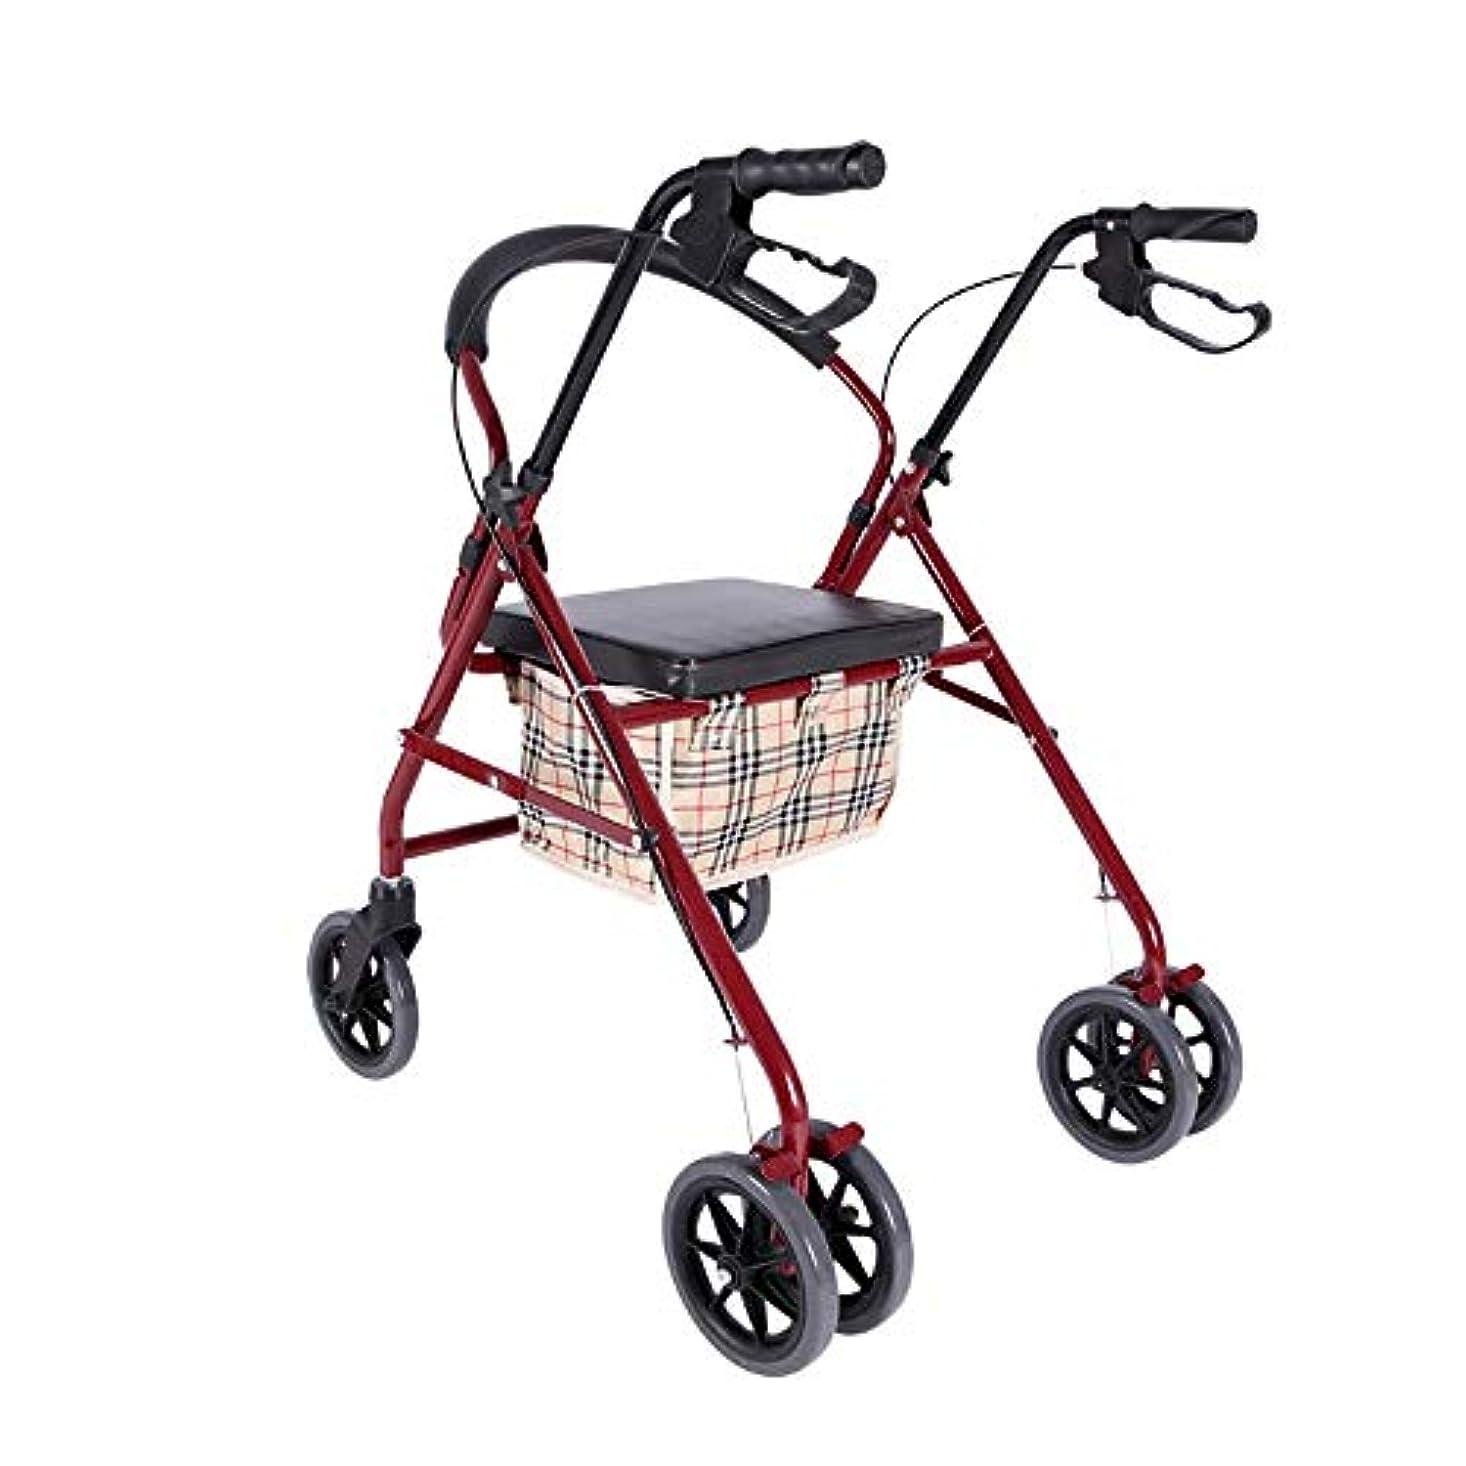 すごい教育従者パッド入りシート、ロック可能なブレーキ、人間工学に基づいたハンドル、キャリーバッグを備えた軽量折りたたみ式四輪歩行器ウォーカー